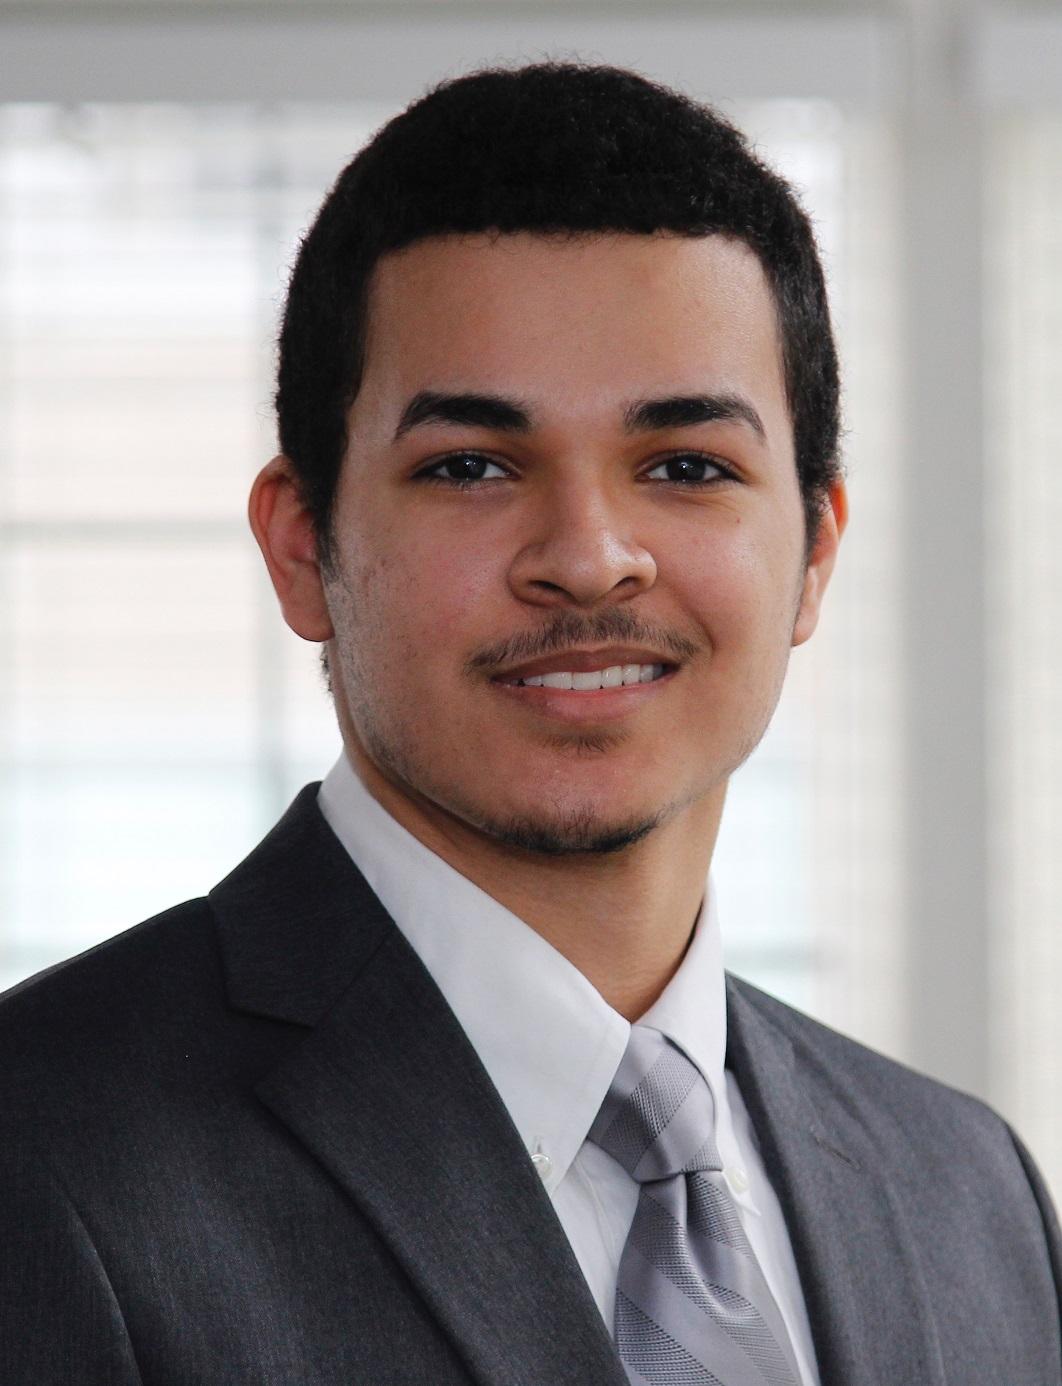 Alexandro Lugo